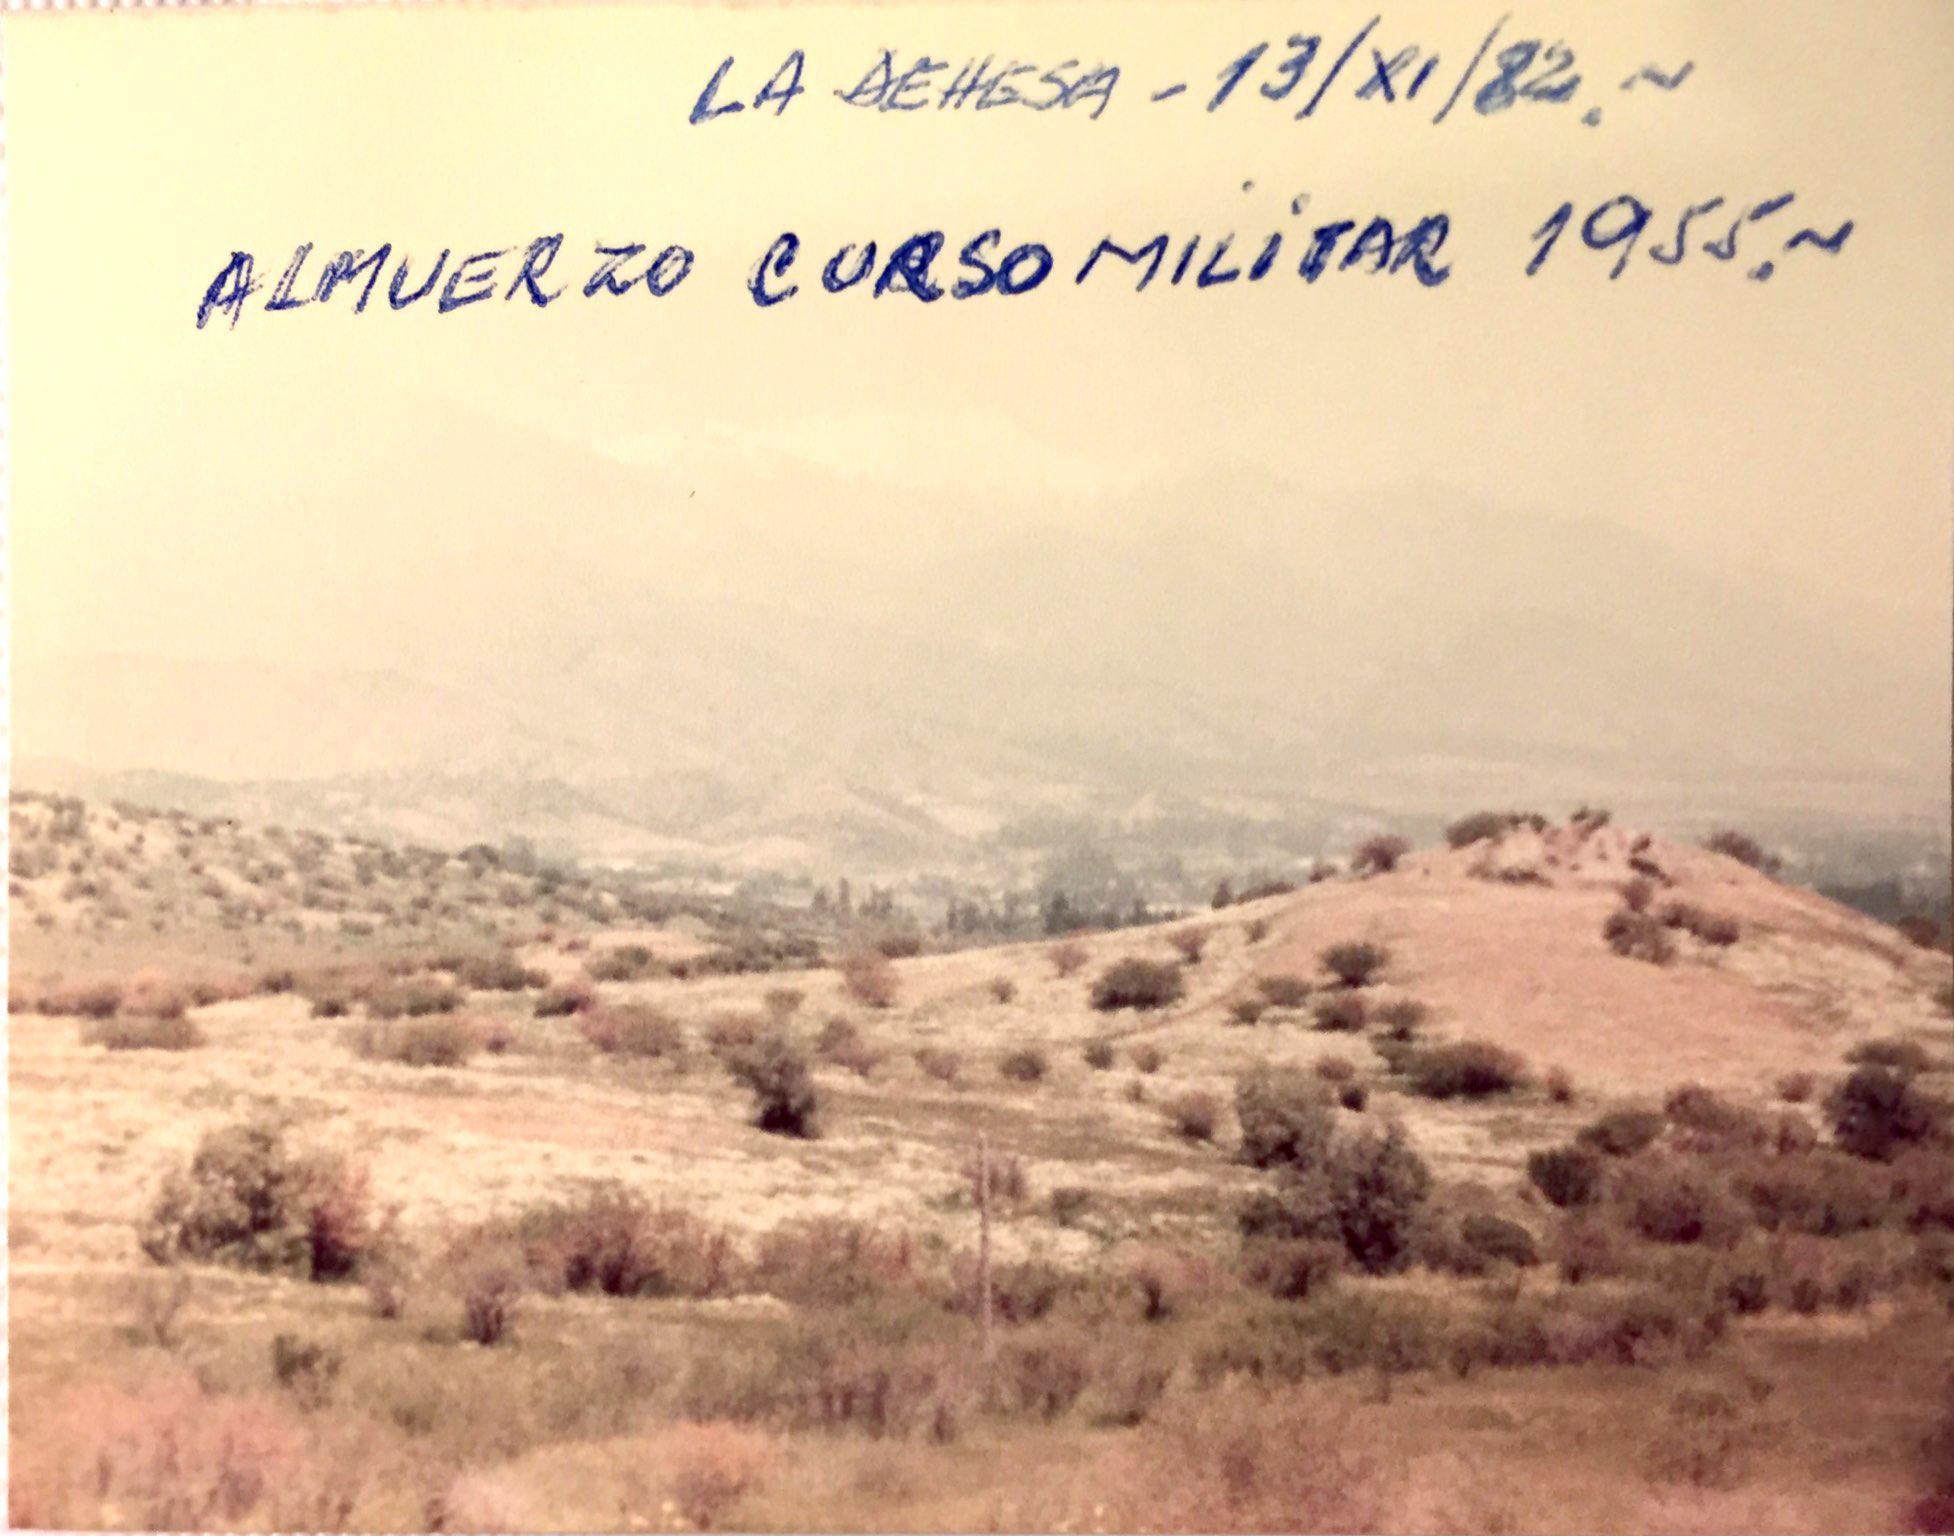 Enterreno - Fotos históricas de chile - fotos antiguas de Chile - La Dehesa, 1982